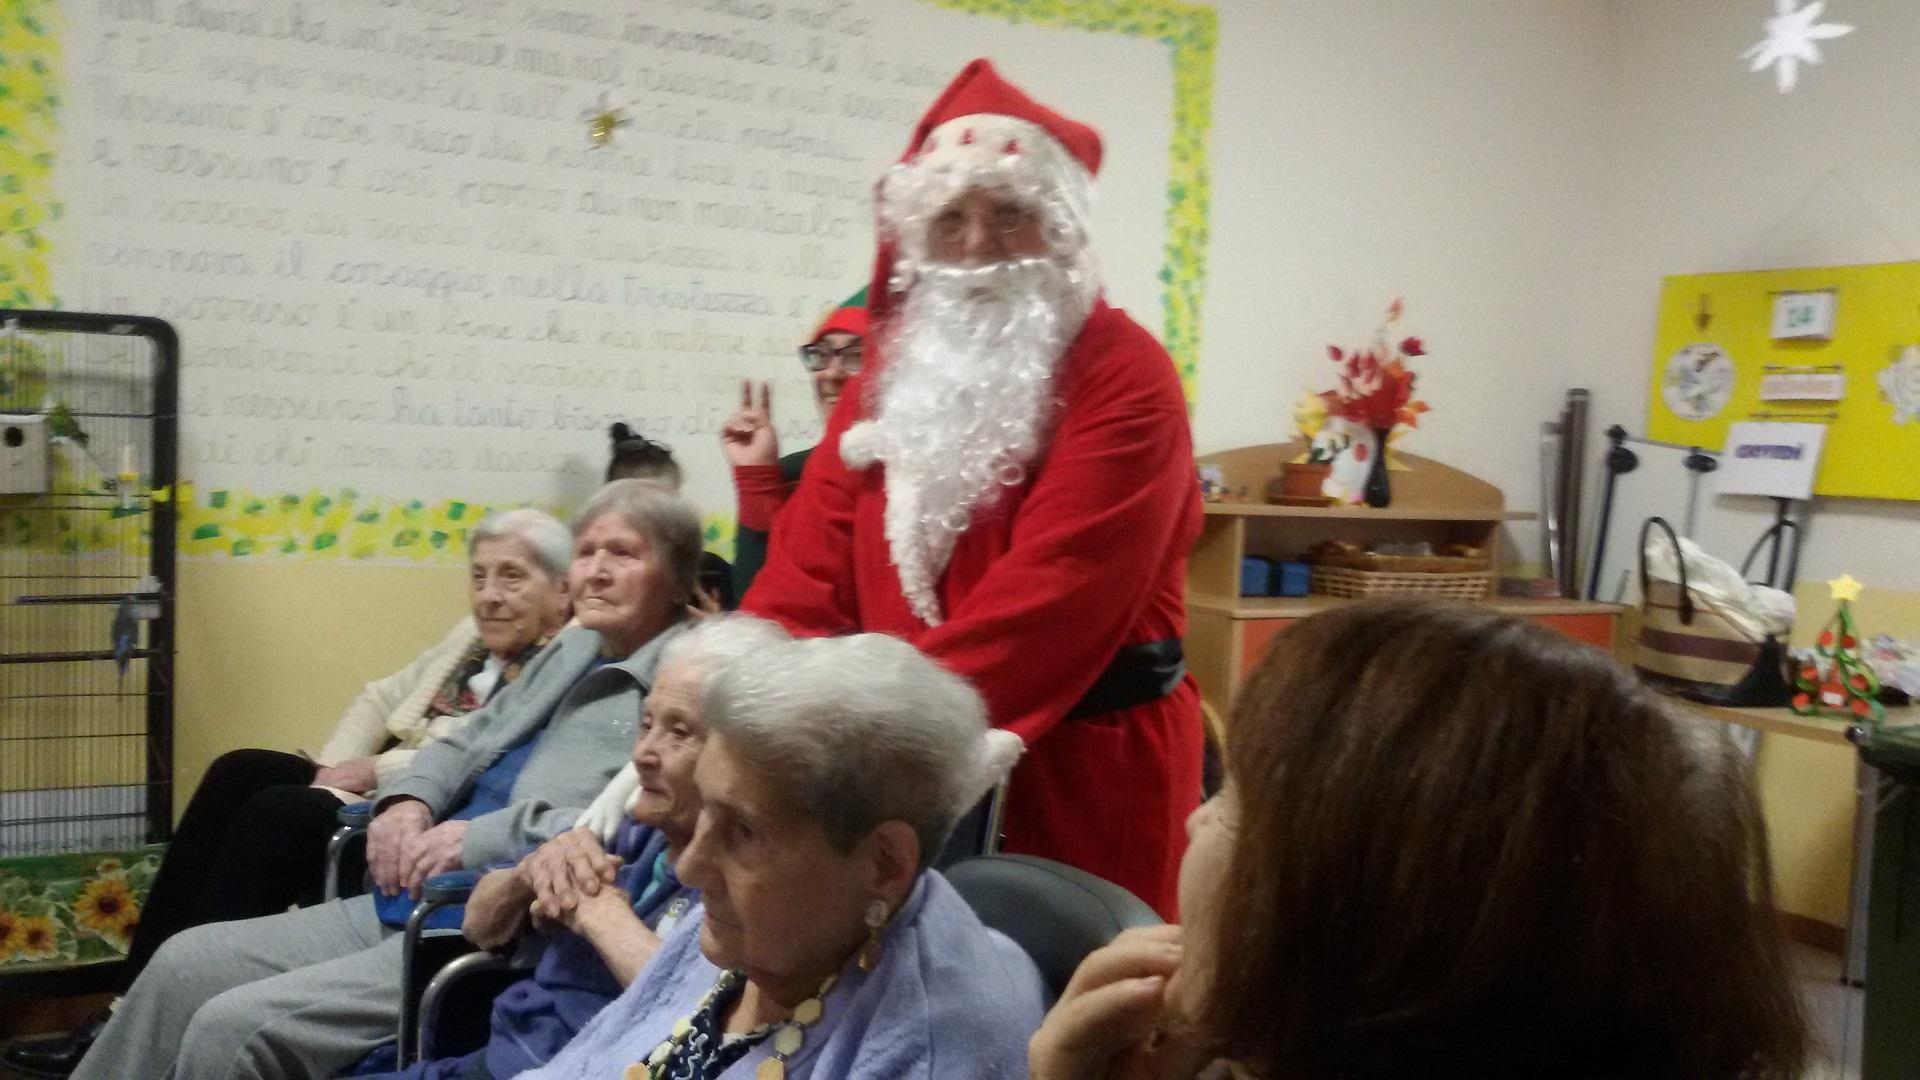 Babbo Natale Residenza Sanitaria Assistenziale Santuario | Opere Sociali Servizi Savona